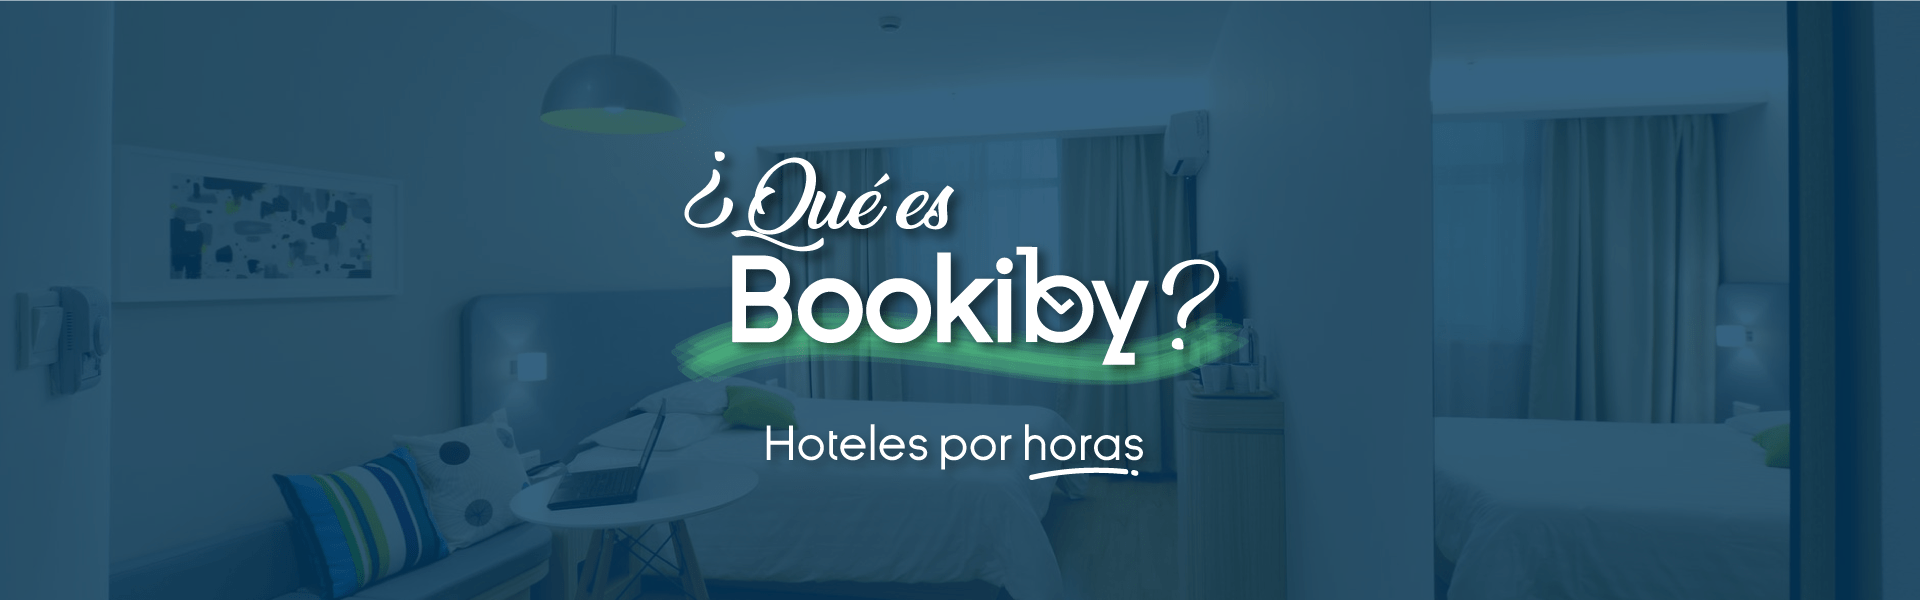 Qué es Bookiby